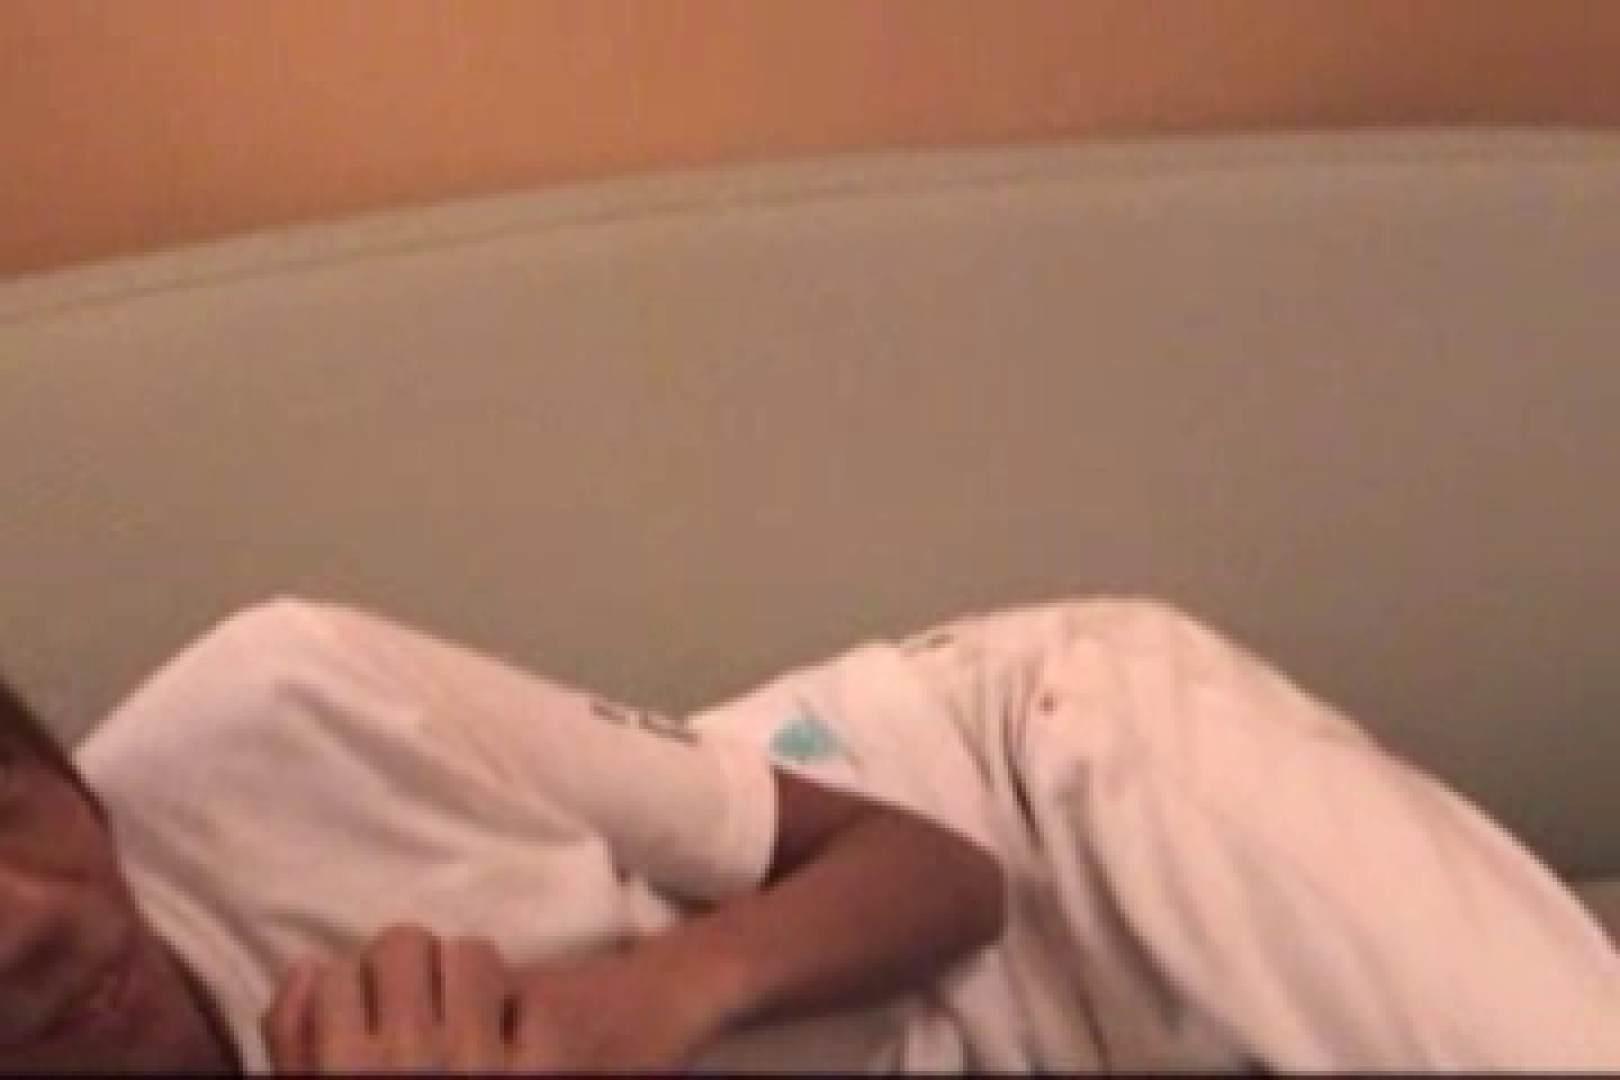 【流出】ジャニ系イケメン!!フライング&アナルが痛くて出来ません!! アナル責め ゲイ無料エロ画像 83枚 26